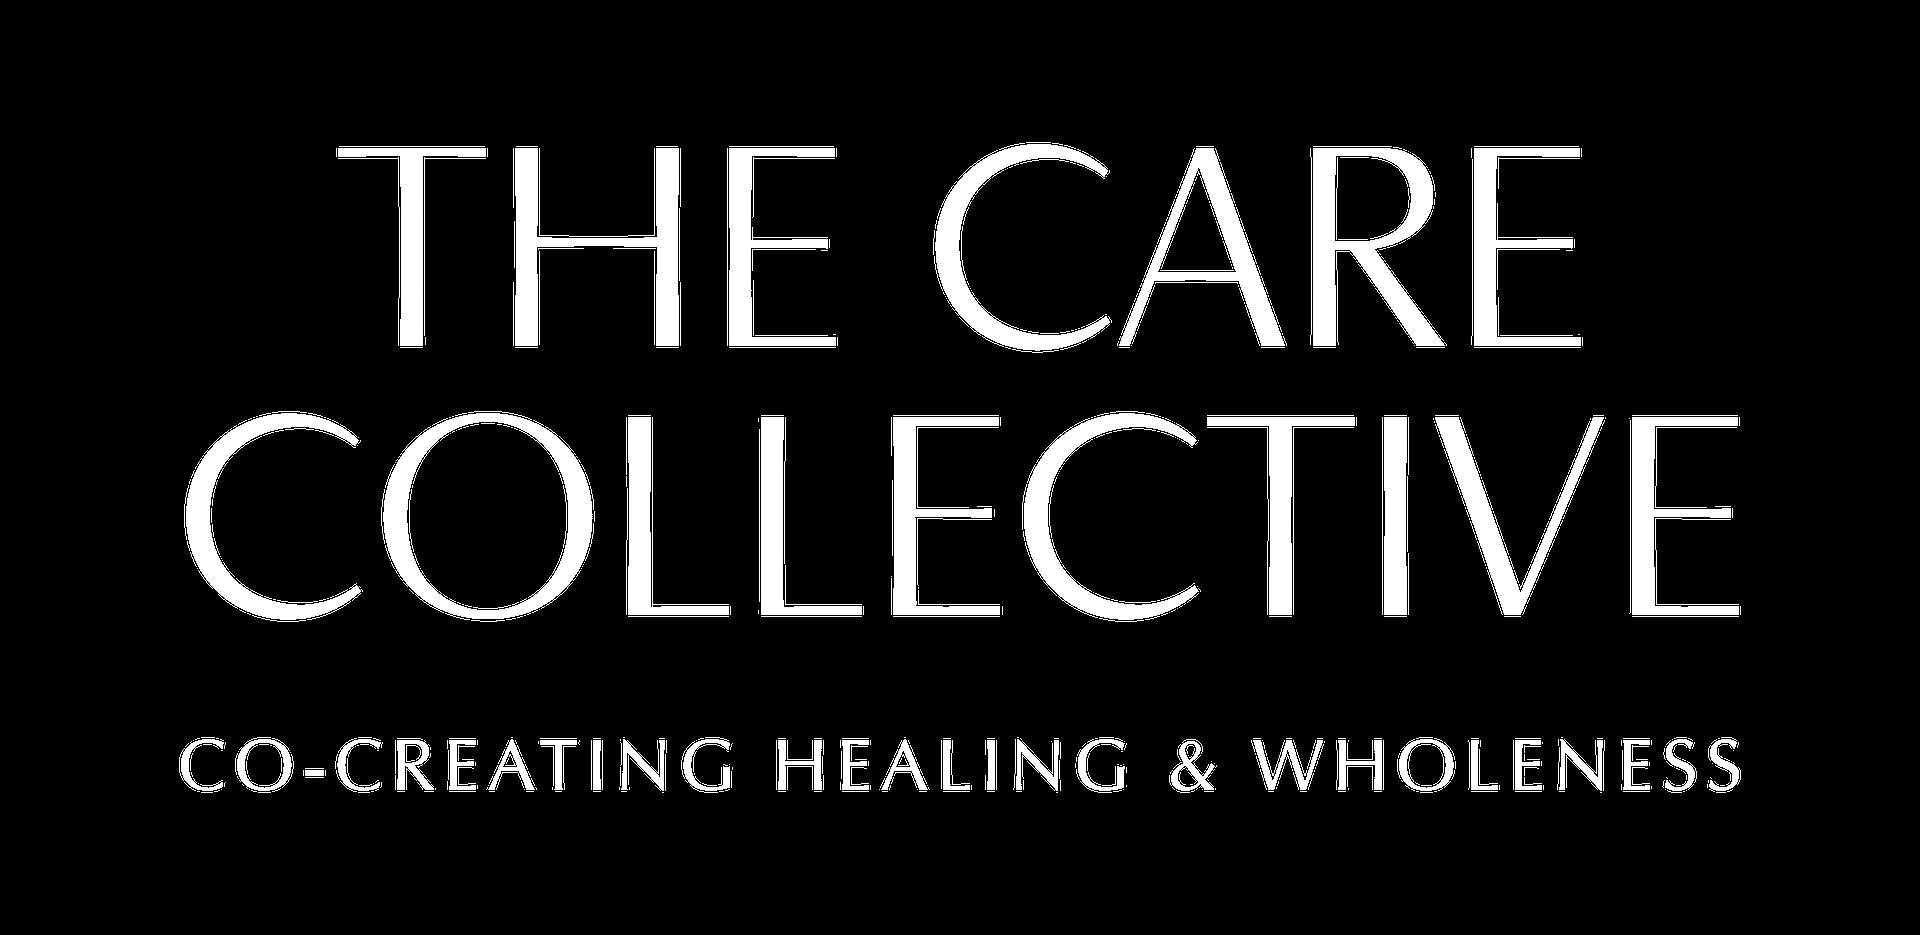 TCC-Logo-White-Name-White-Tagline-_782b750d515bf65d3e5b8d295cce3e40